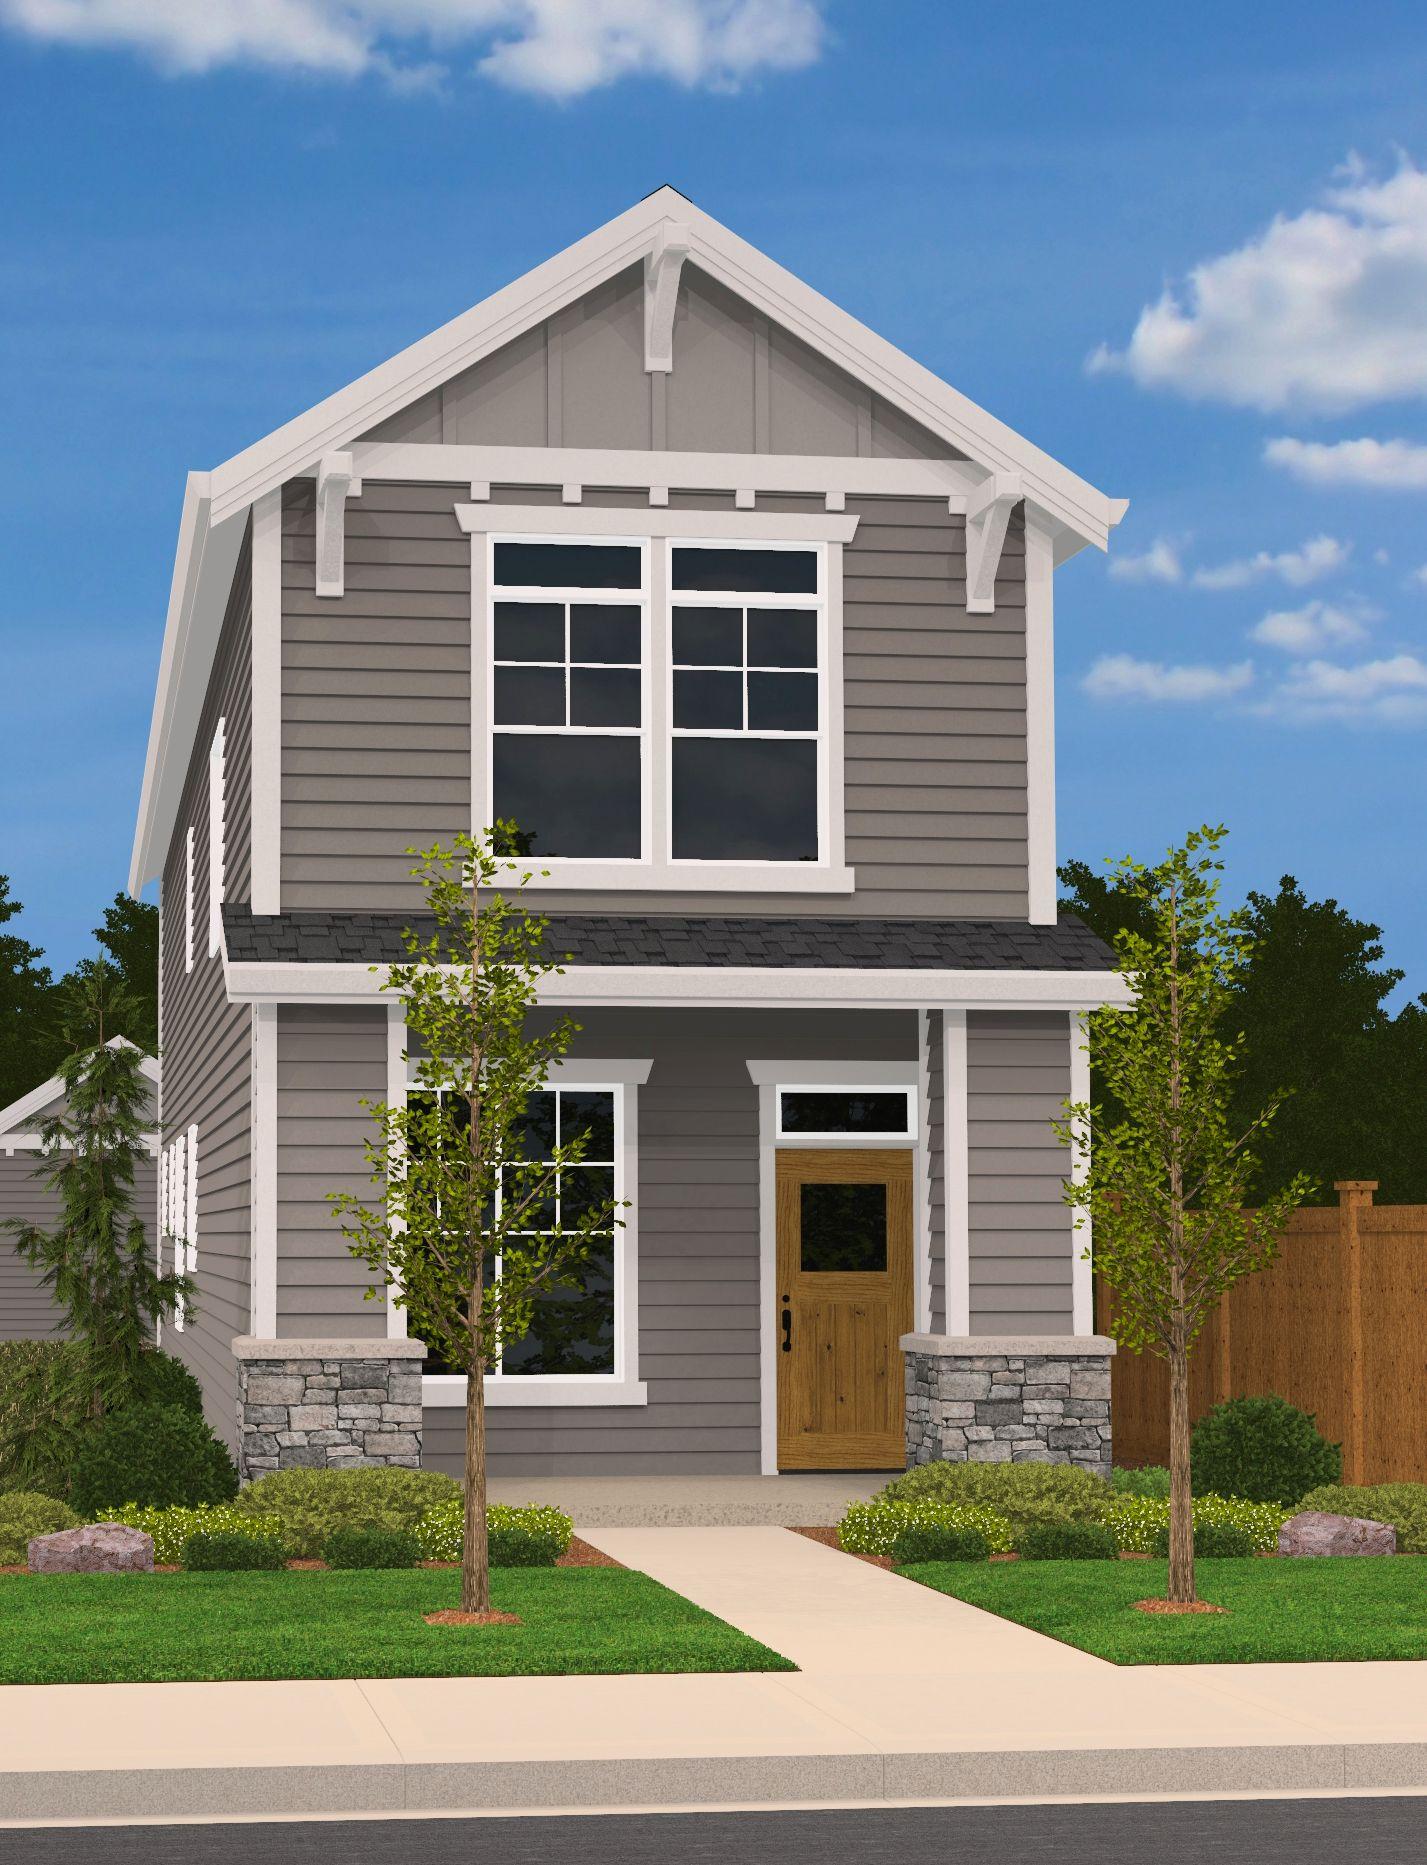 Innskeep House Plan Built In City Of Portland